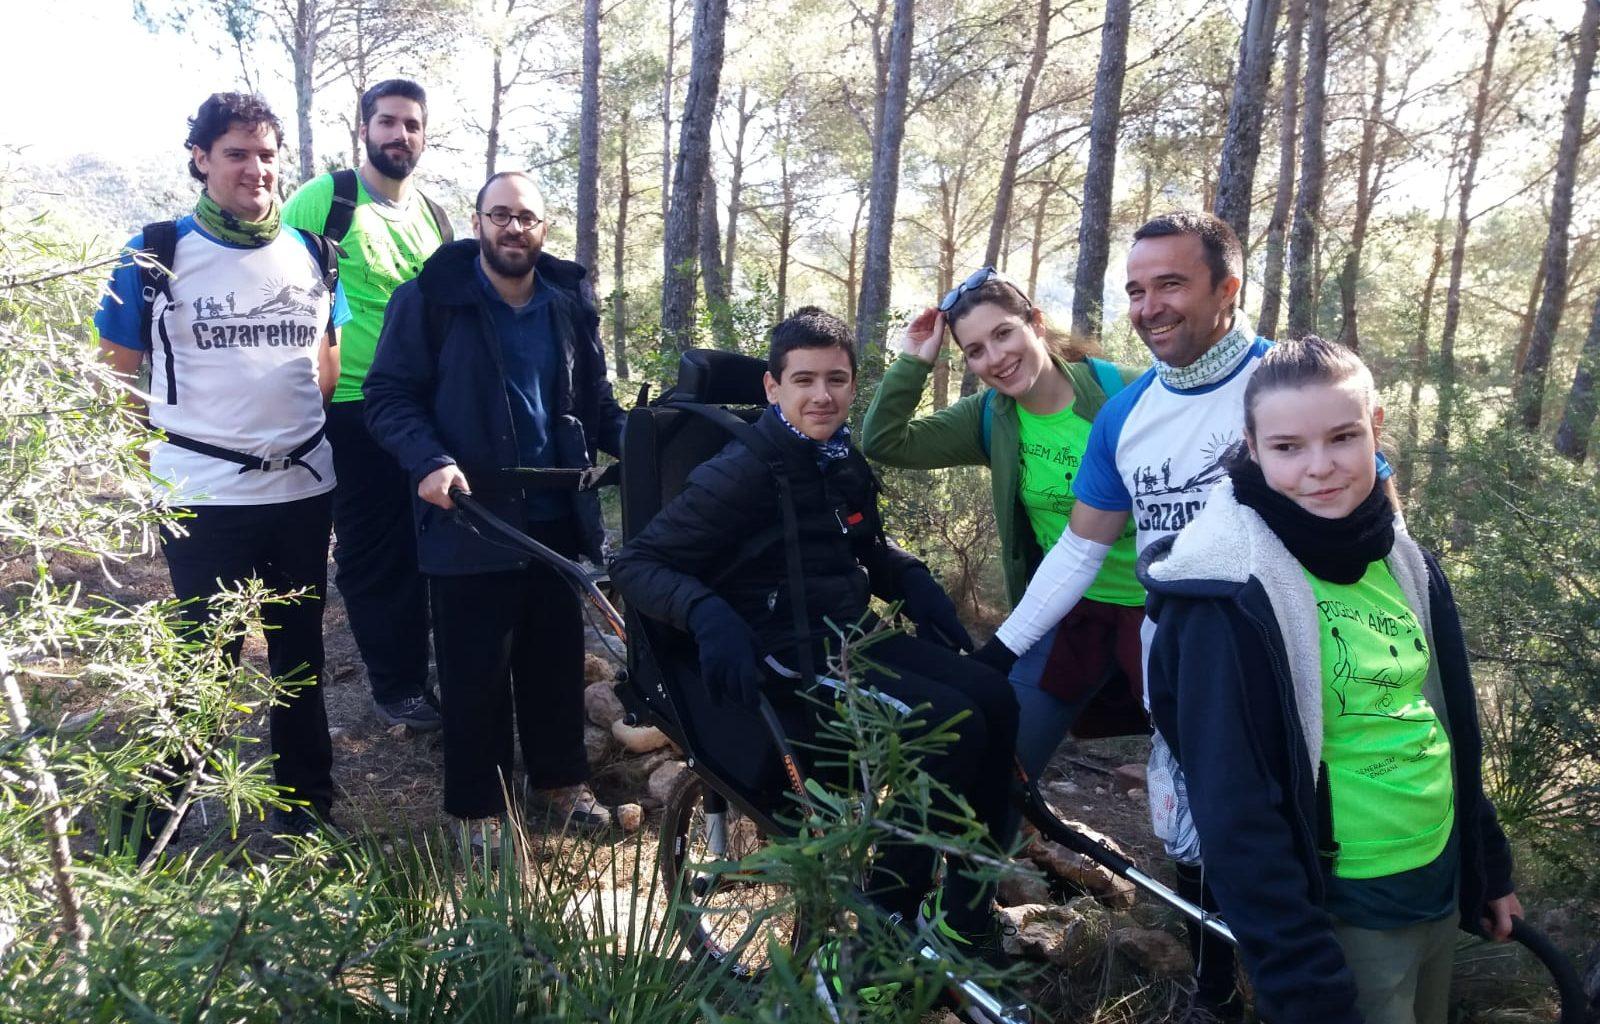 El Parc Natural de la Serra d'Irtaofereix la possibilitat de visitar el paratge amb la cadira CRAN